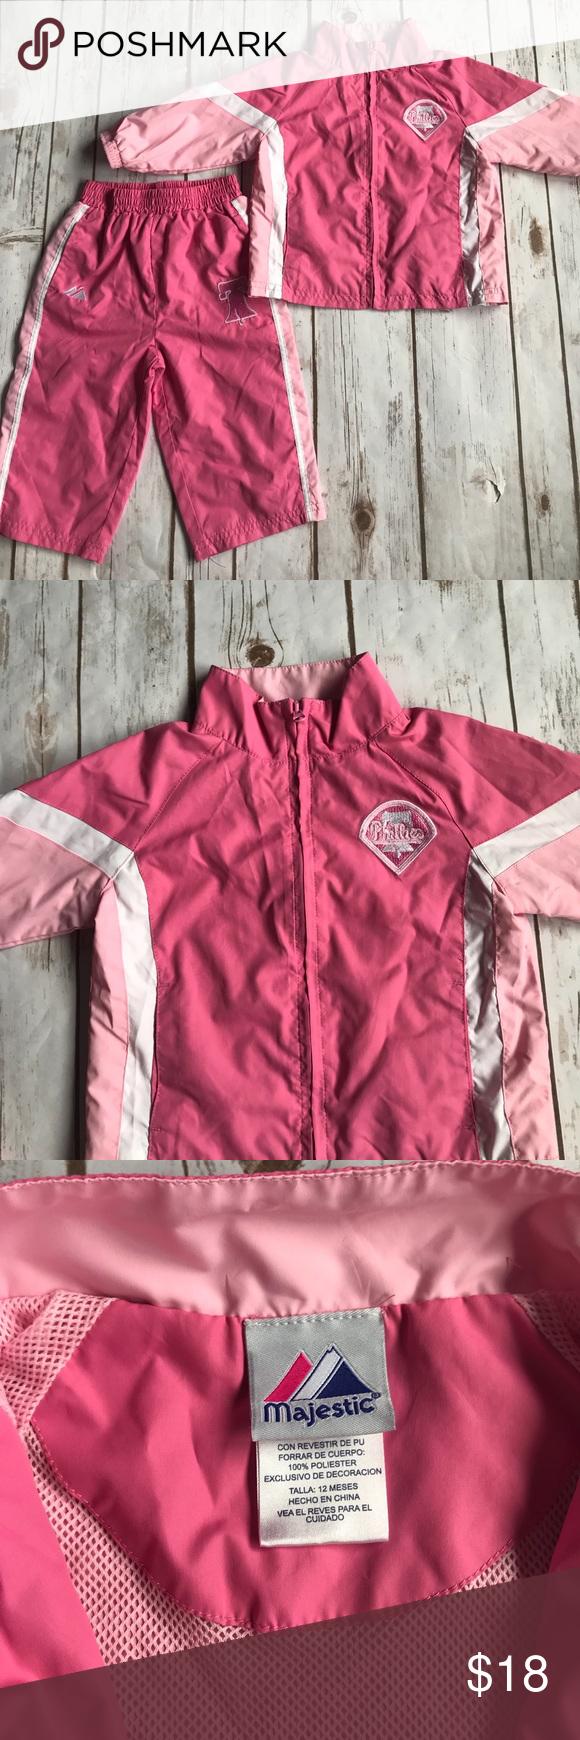 78f93b769086 Toddler Girl Philadelphia Phillies Track Suit